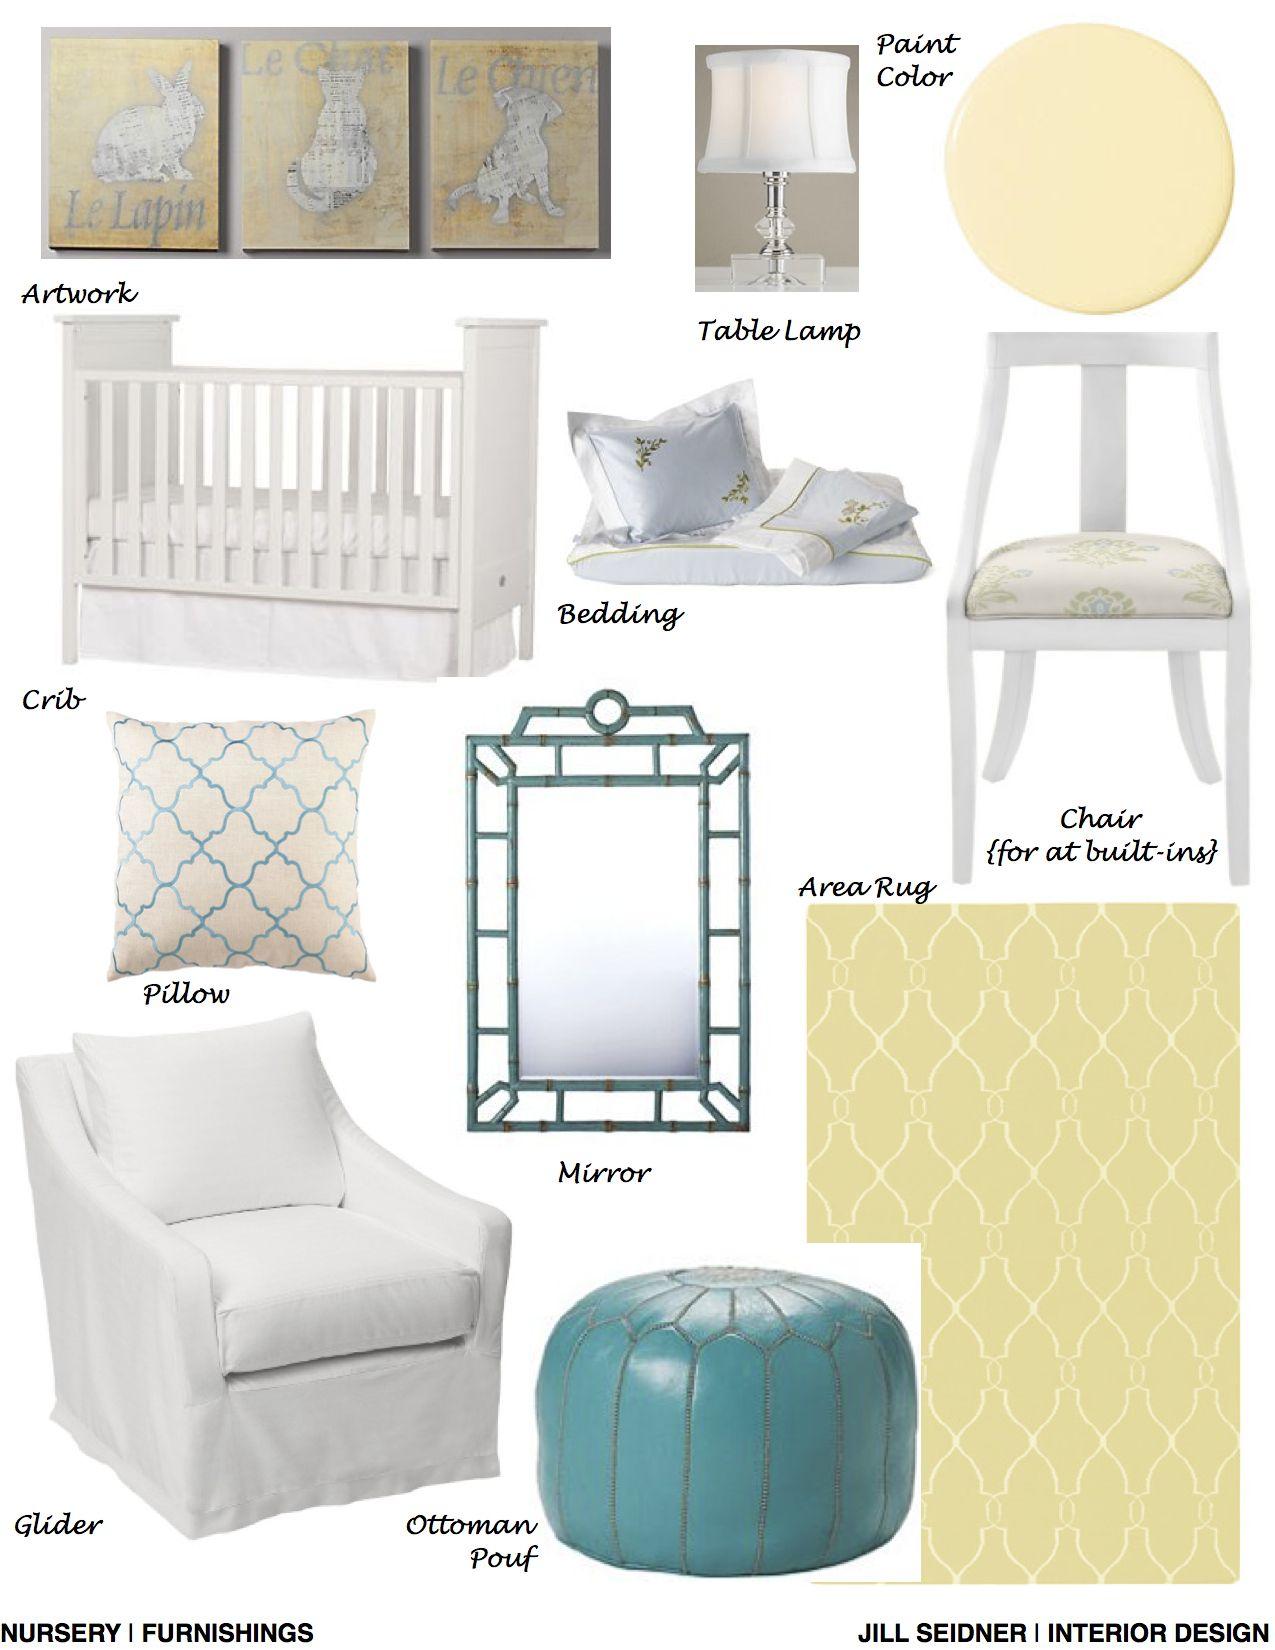 Jill Seidner Interior Design Interior Design Boards Interior Design Concepts Interior Design Help